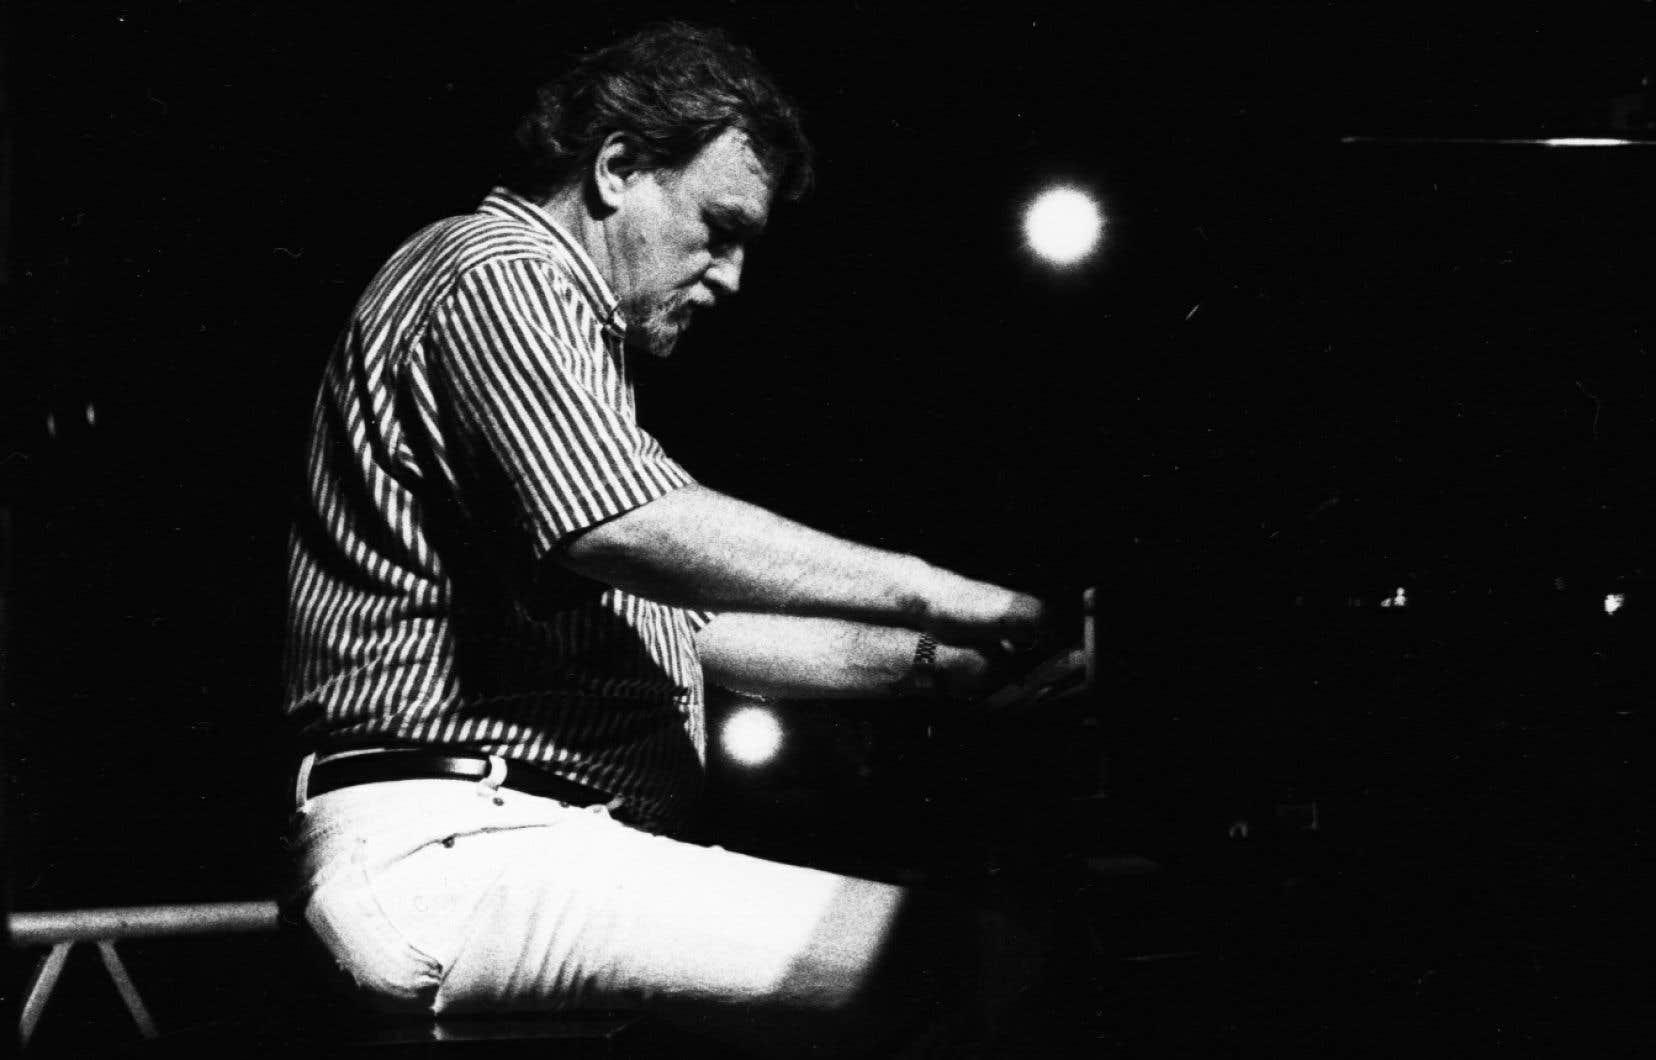 Vic Vogel est décédé lundi, jour qu'il a toujours consacré aux répétitions avec son band.